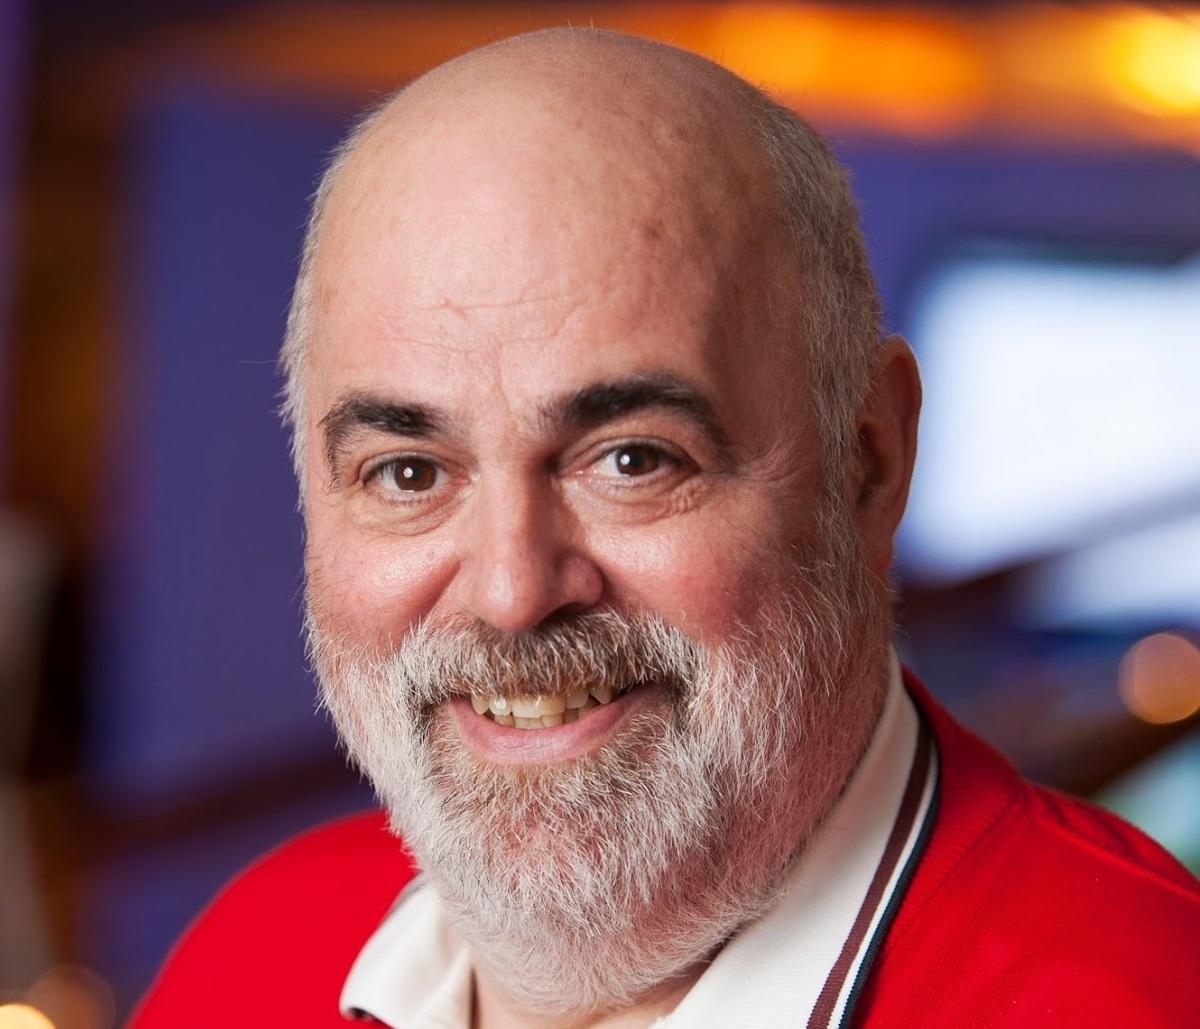 #CMC15 Speaker Spotlight: Greg Jarboe